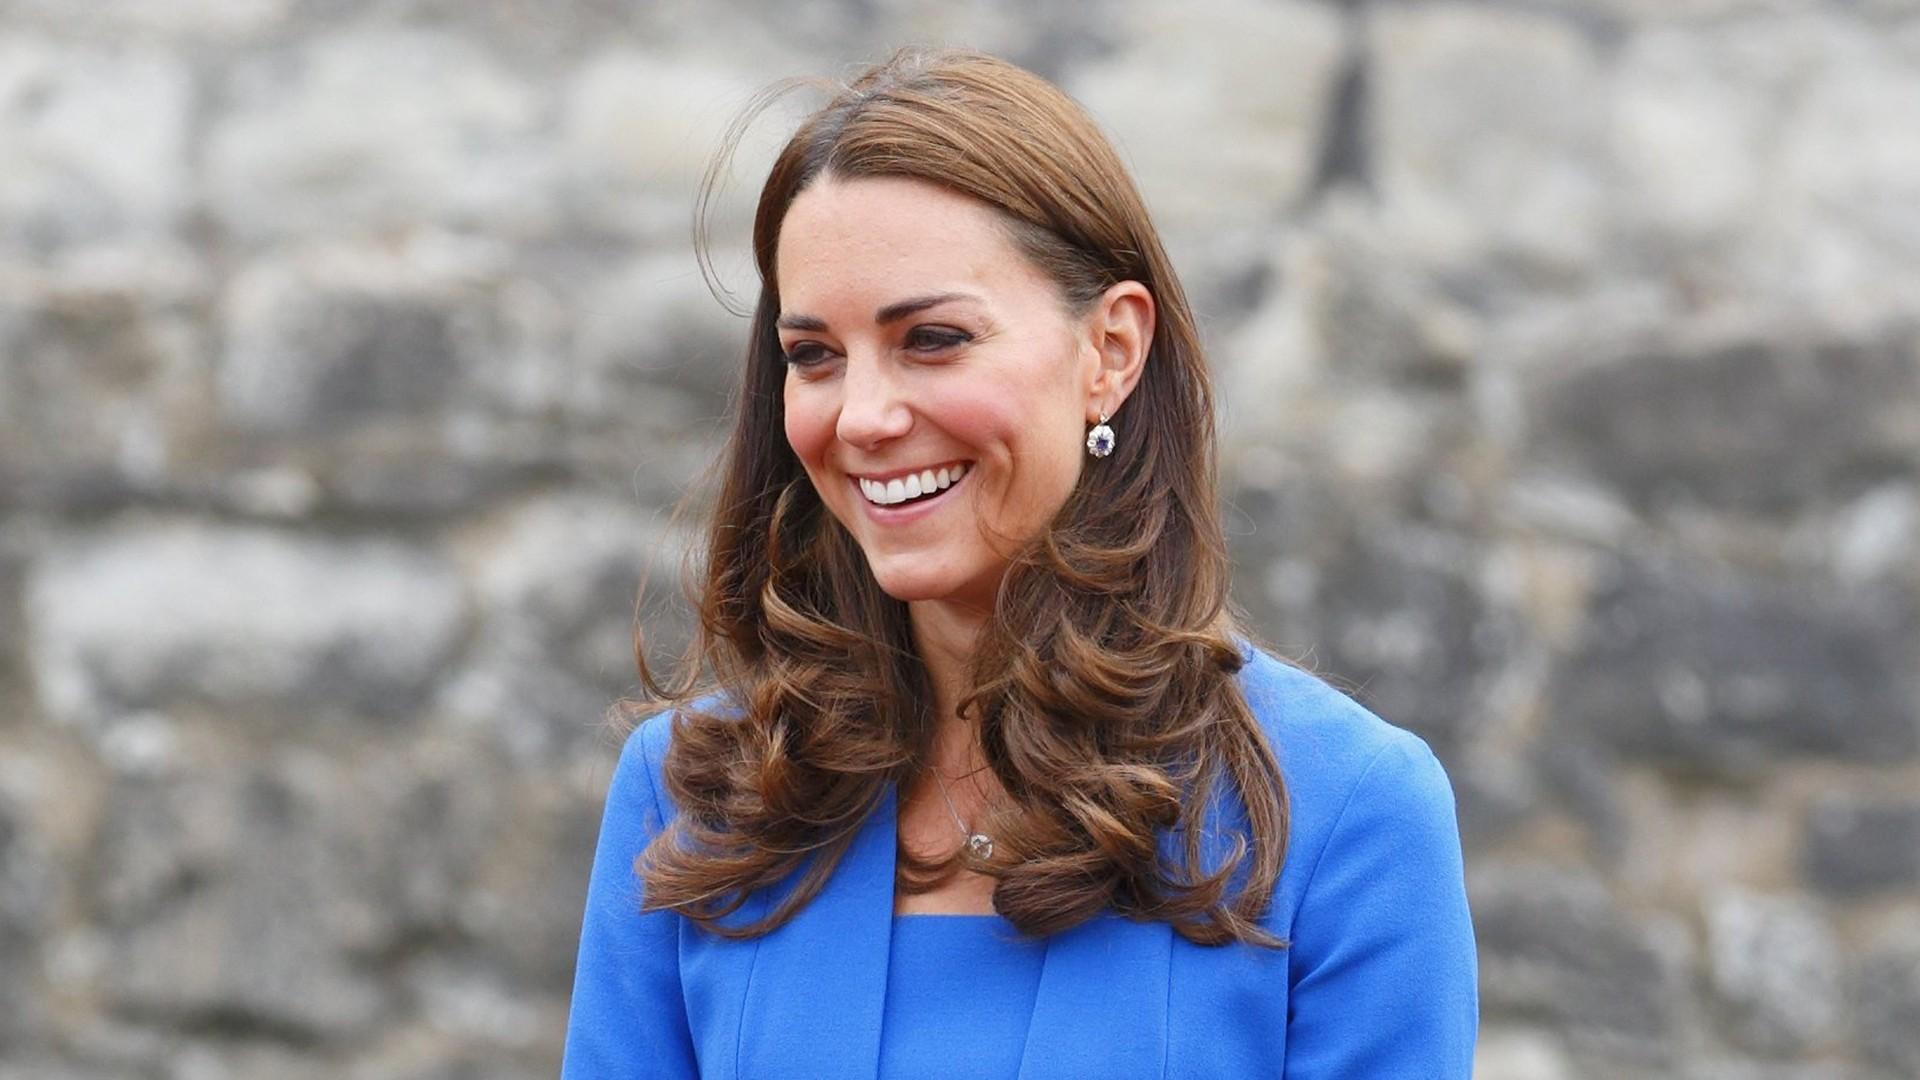 Αυτό είναι το απόλυτο μυστικό της Kate Middleton για αψεγάδιαστη επιδερμίδα